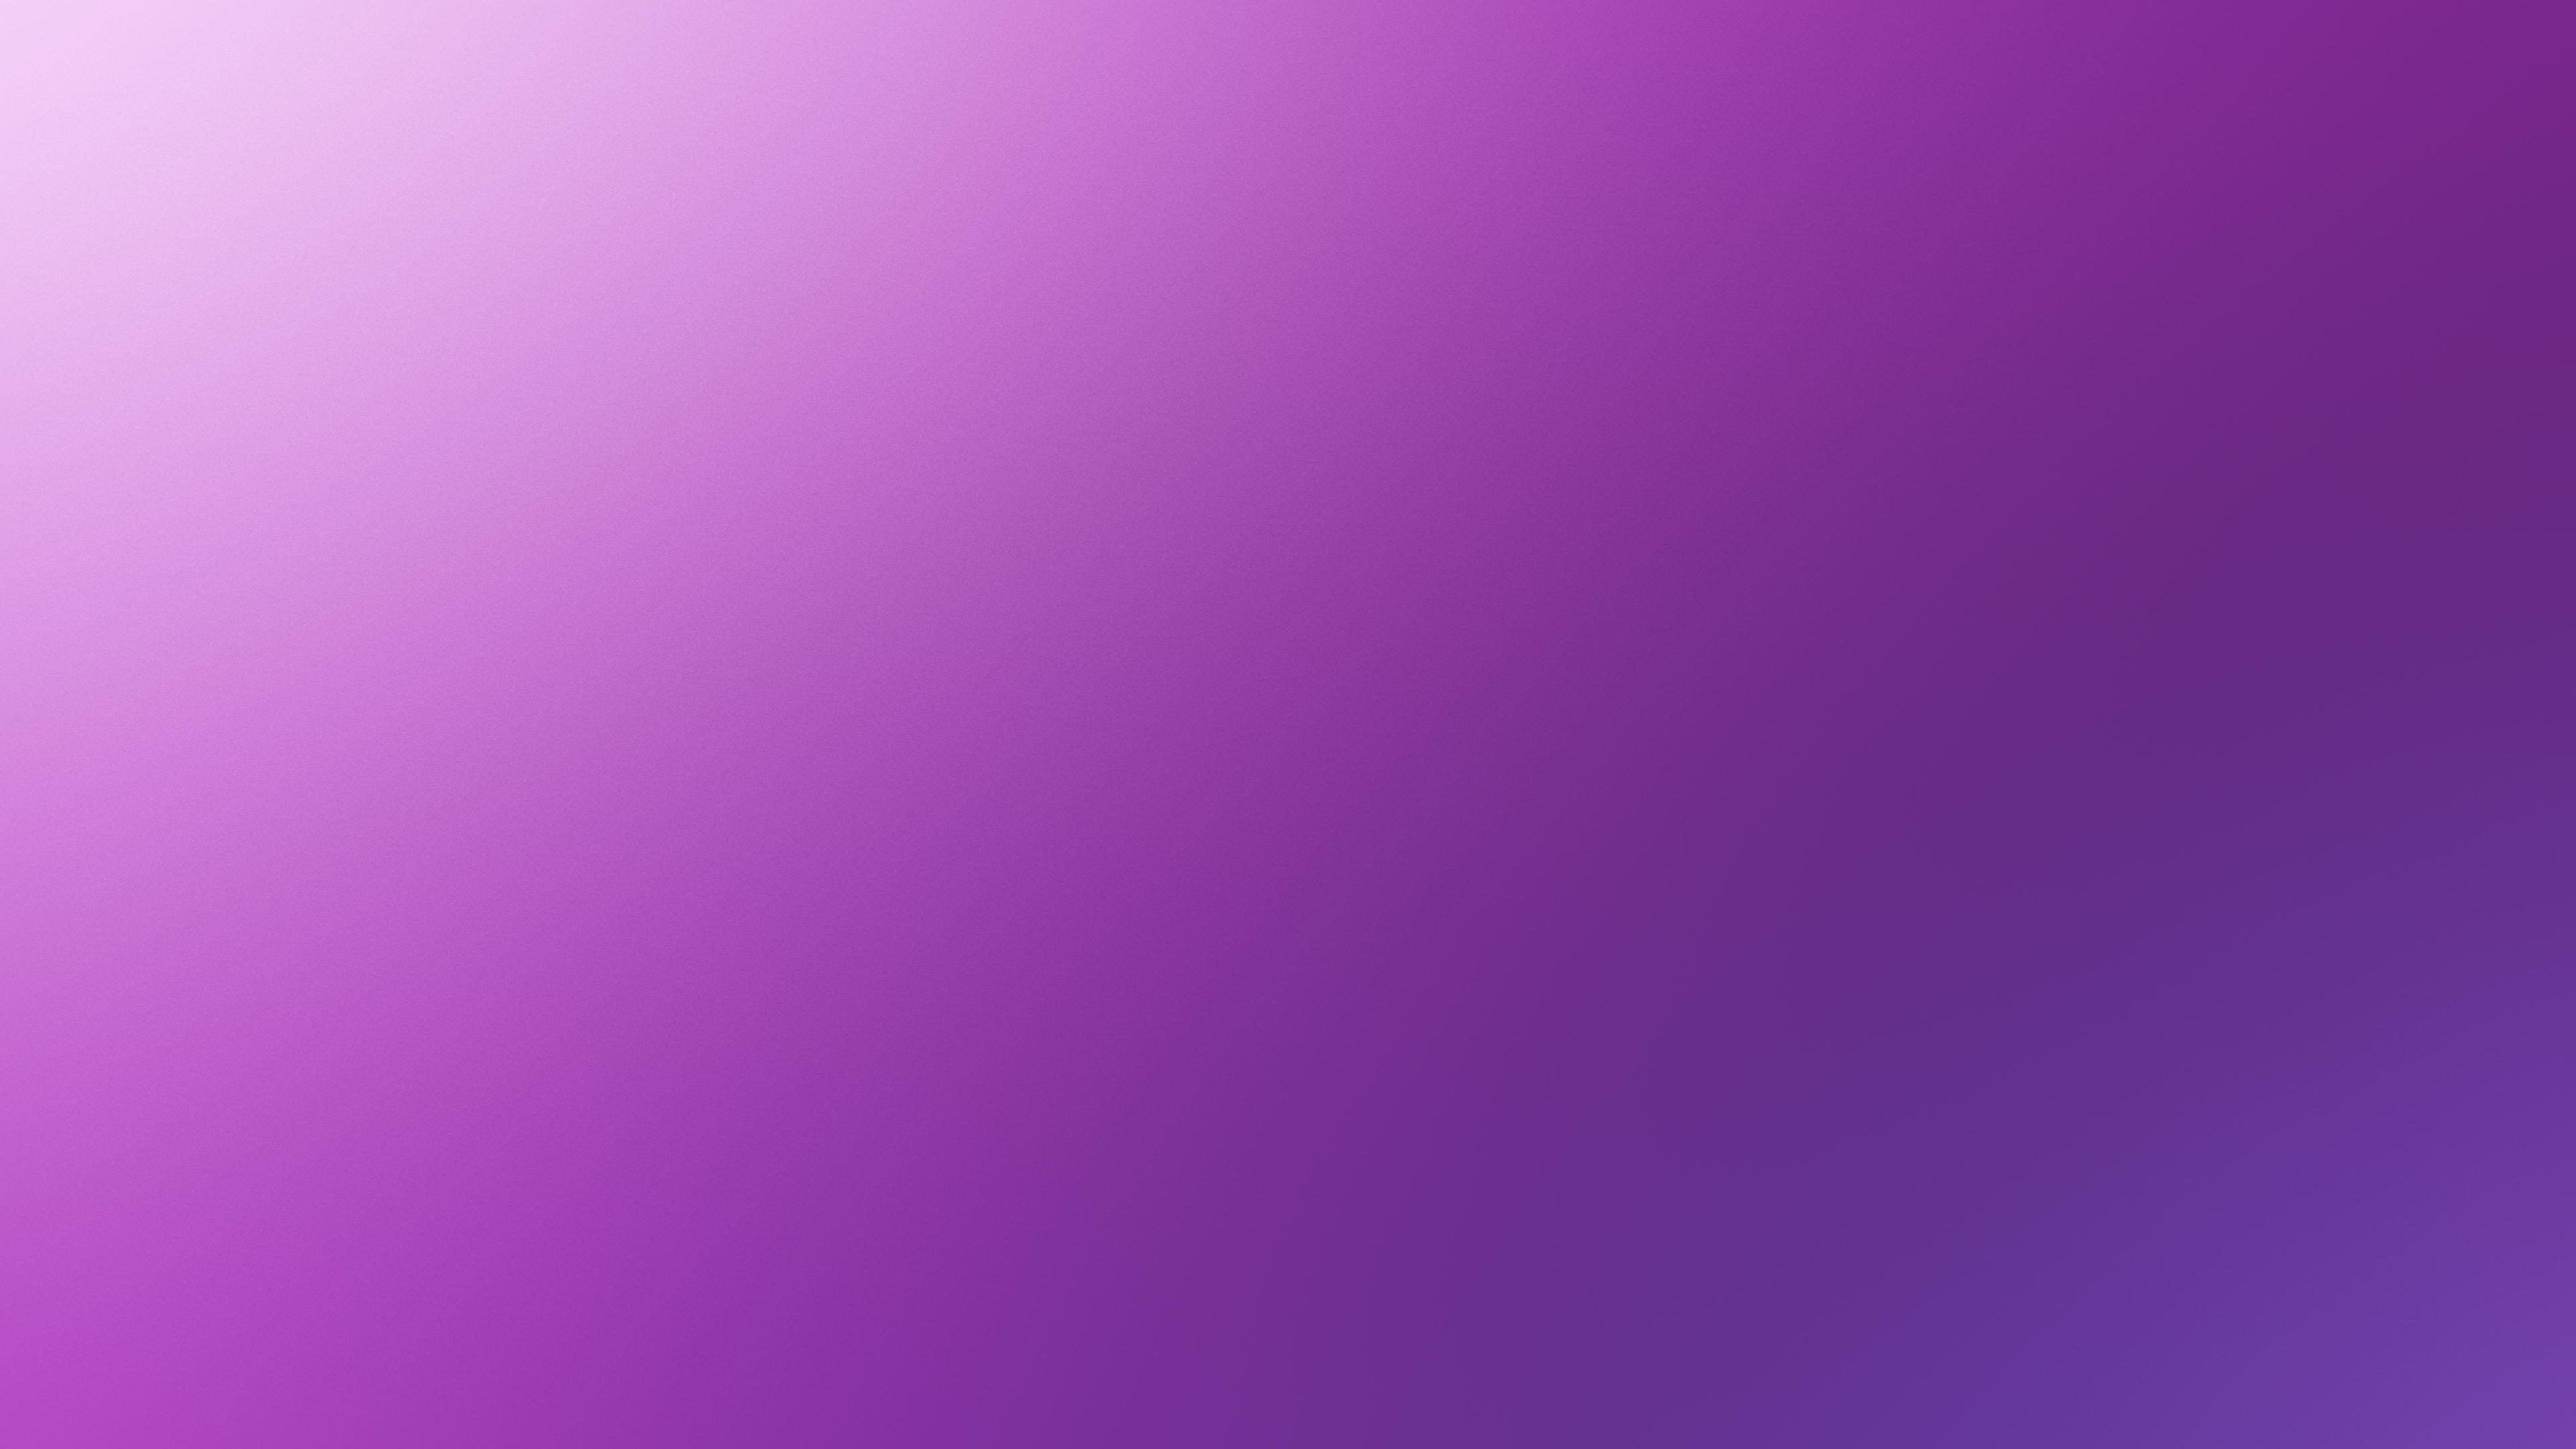 Space Purple Light Blur Minimalism 4k, HD Artist, 4k ...